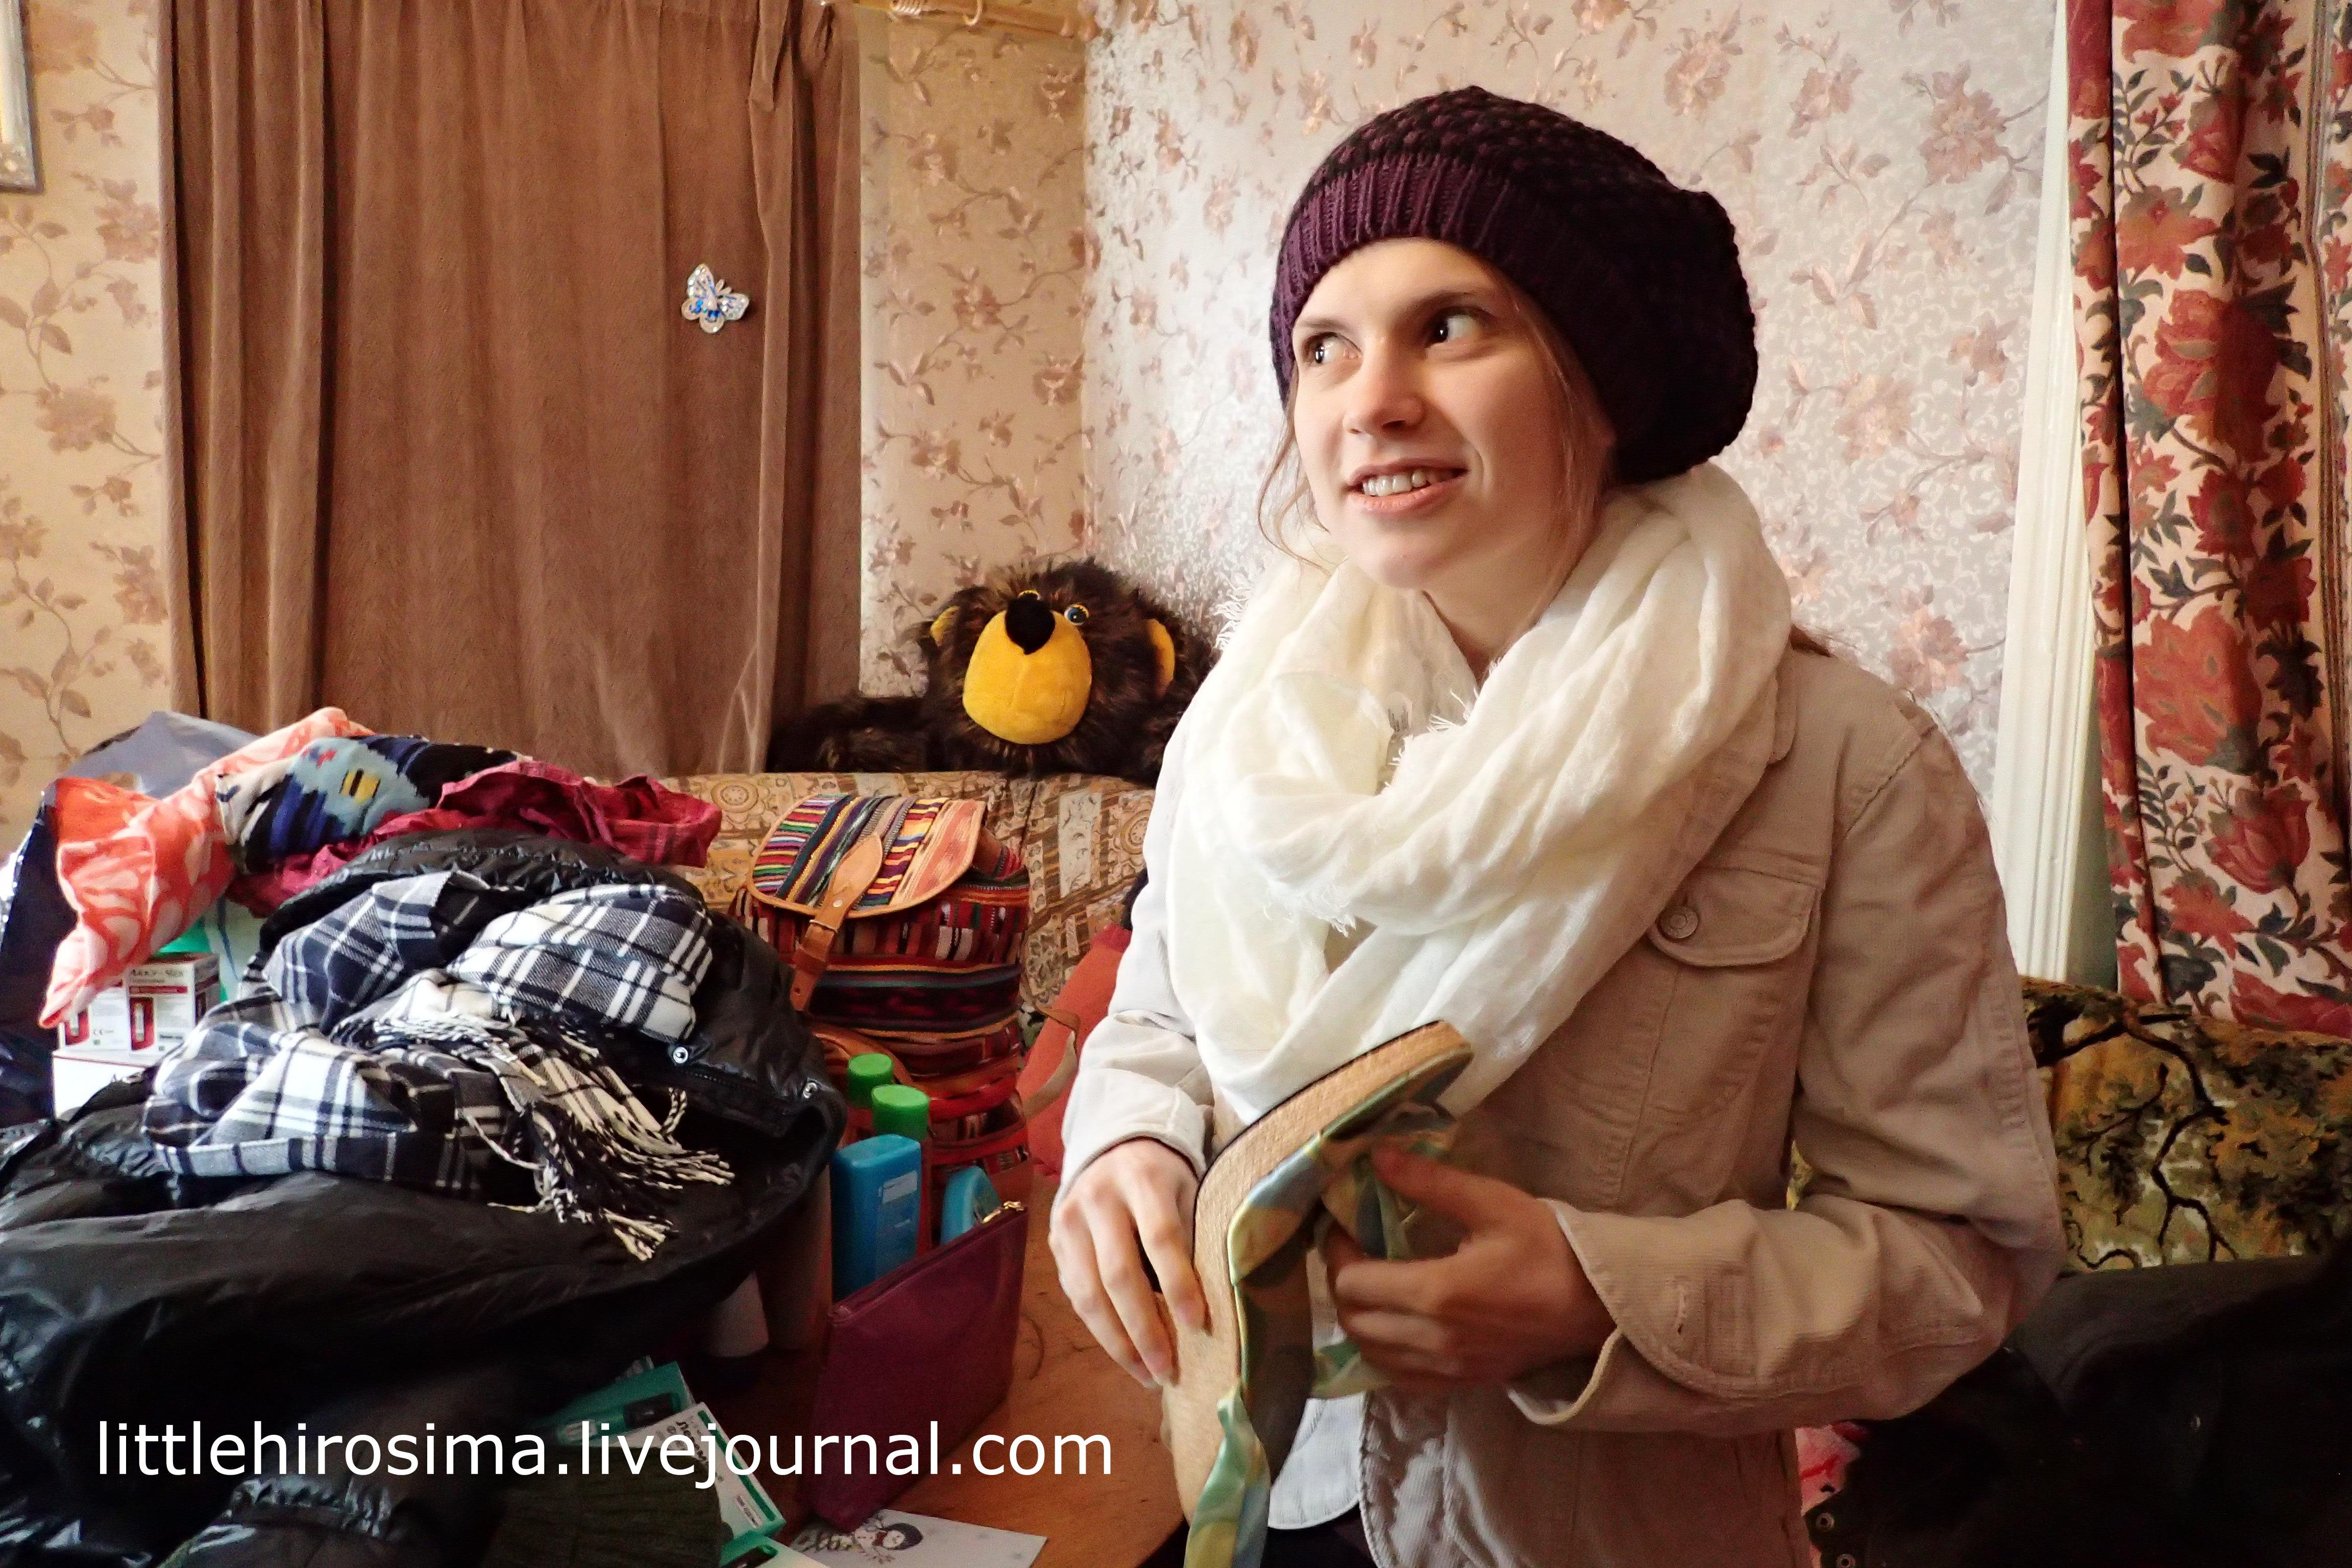 Русская тётка дома фото 8 фотография